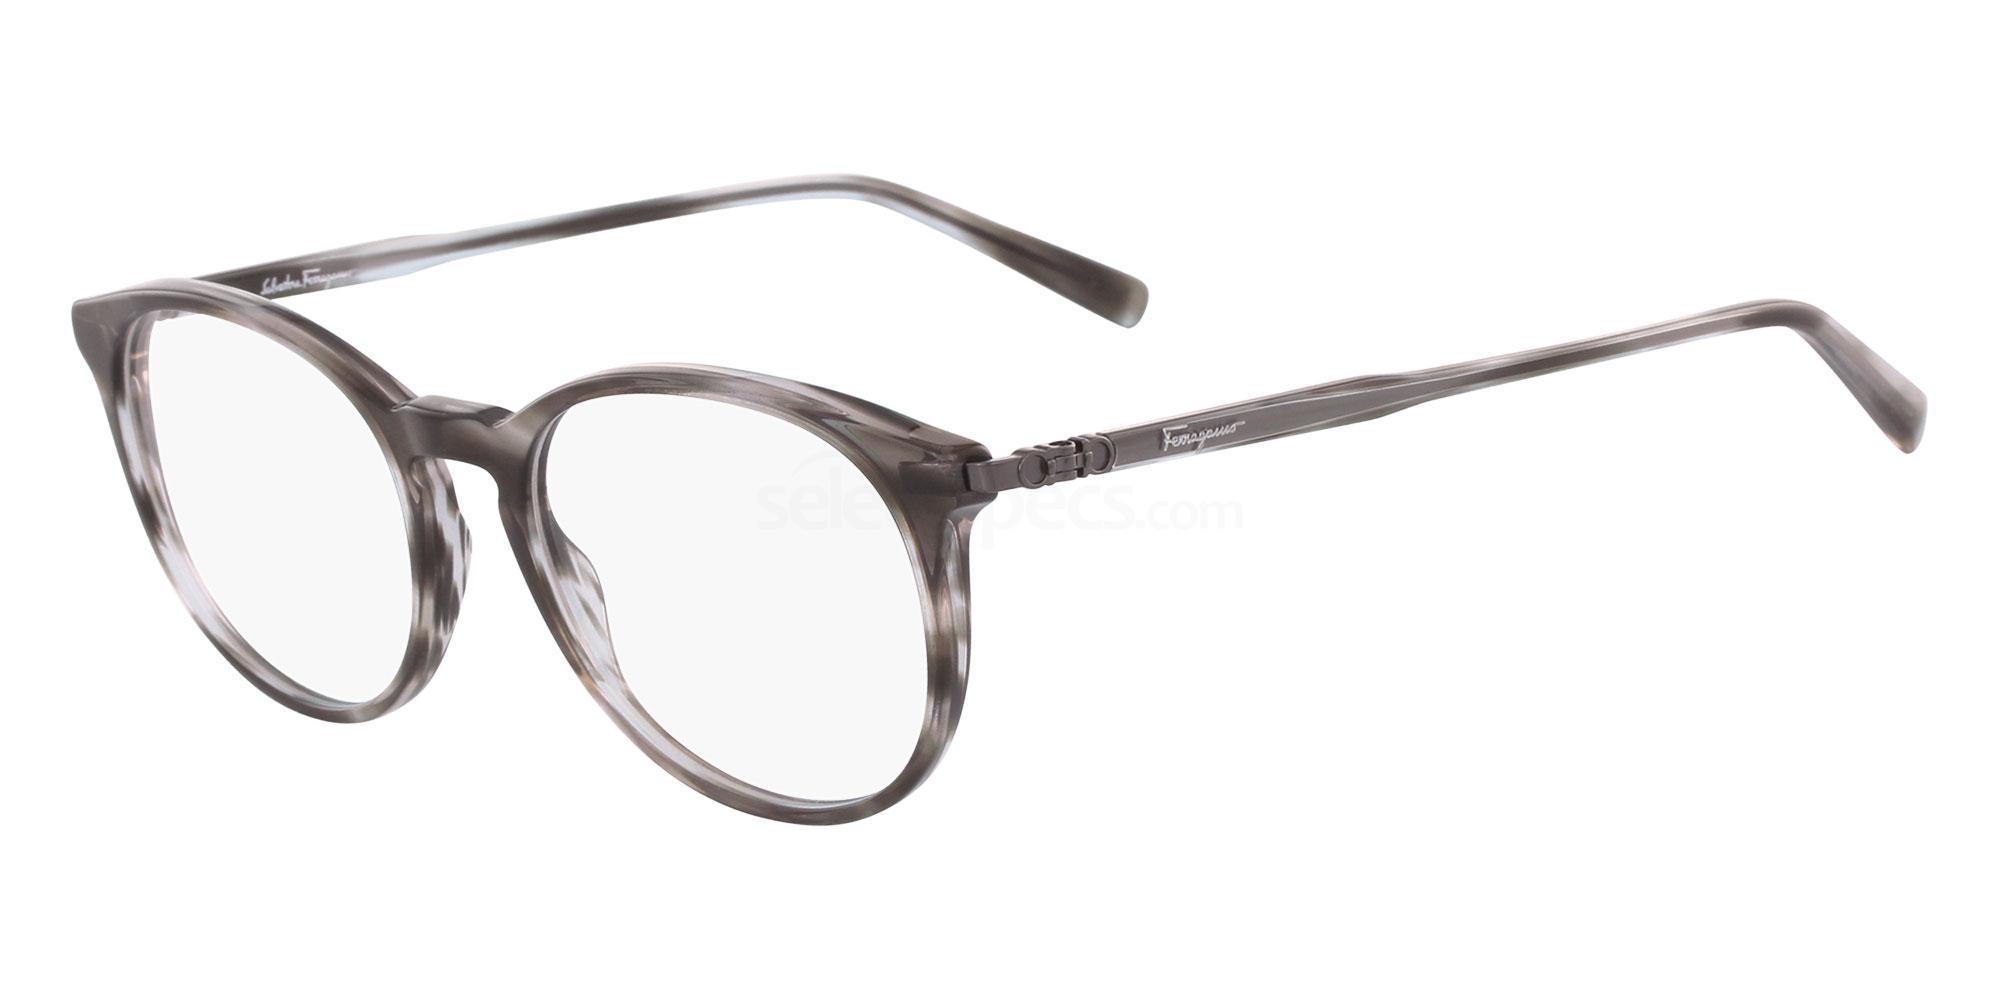 003 SF2823 Glasses, Salvatore Ferragamo